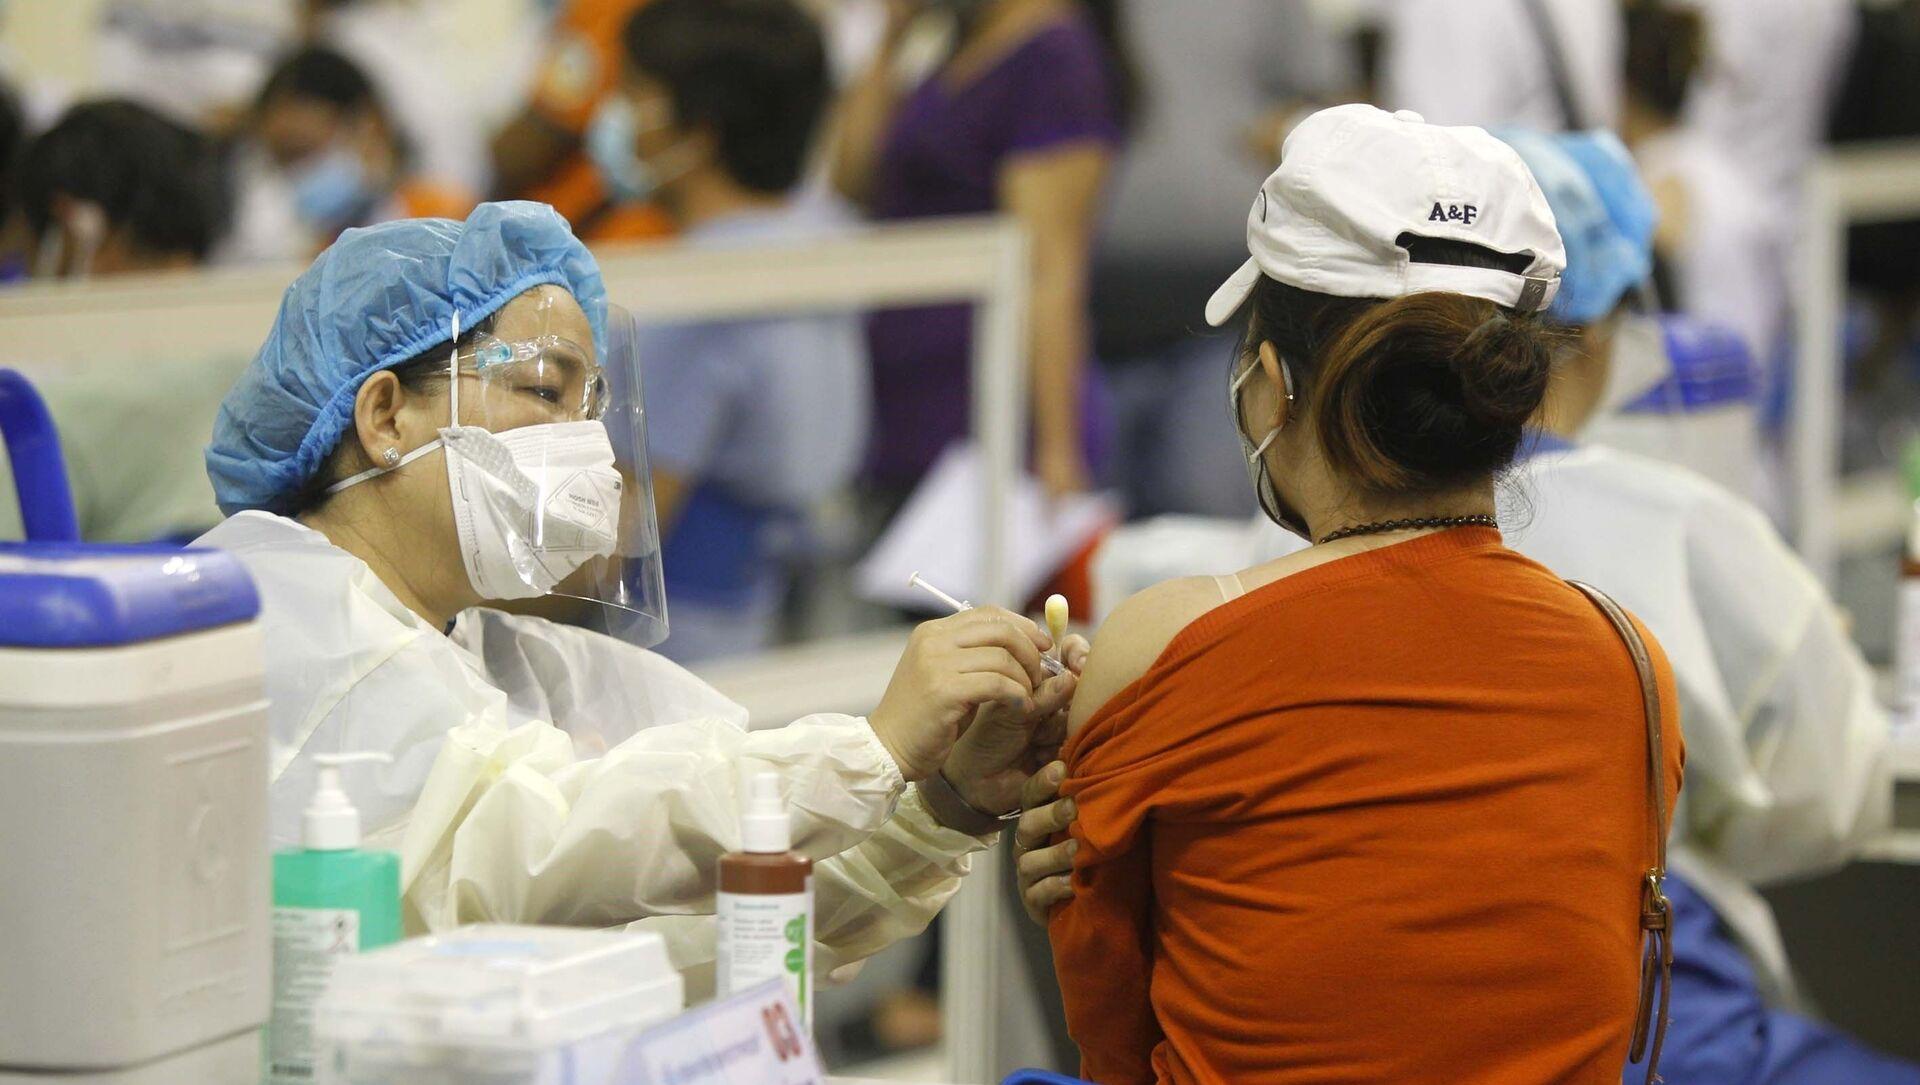 Người lao động Thành phố Hồ Chí Minh được tiêm vaccine phòng COVID-19. - Sputnik Việt Nam, 1920, 28.06.2021